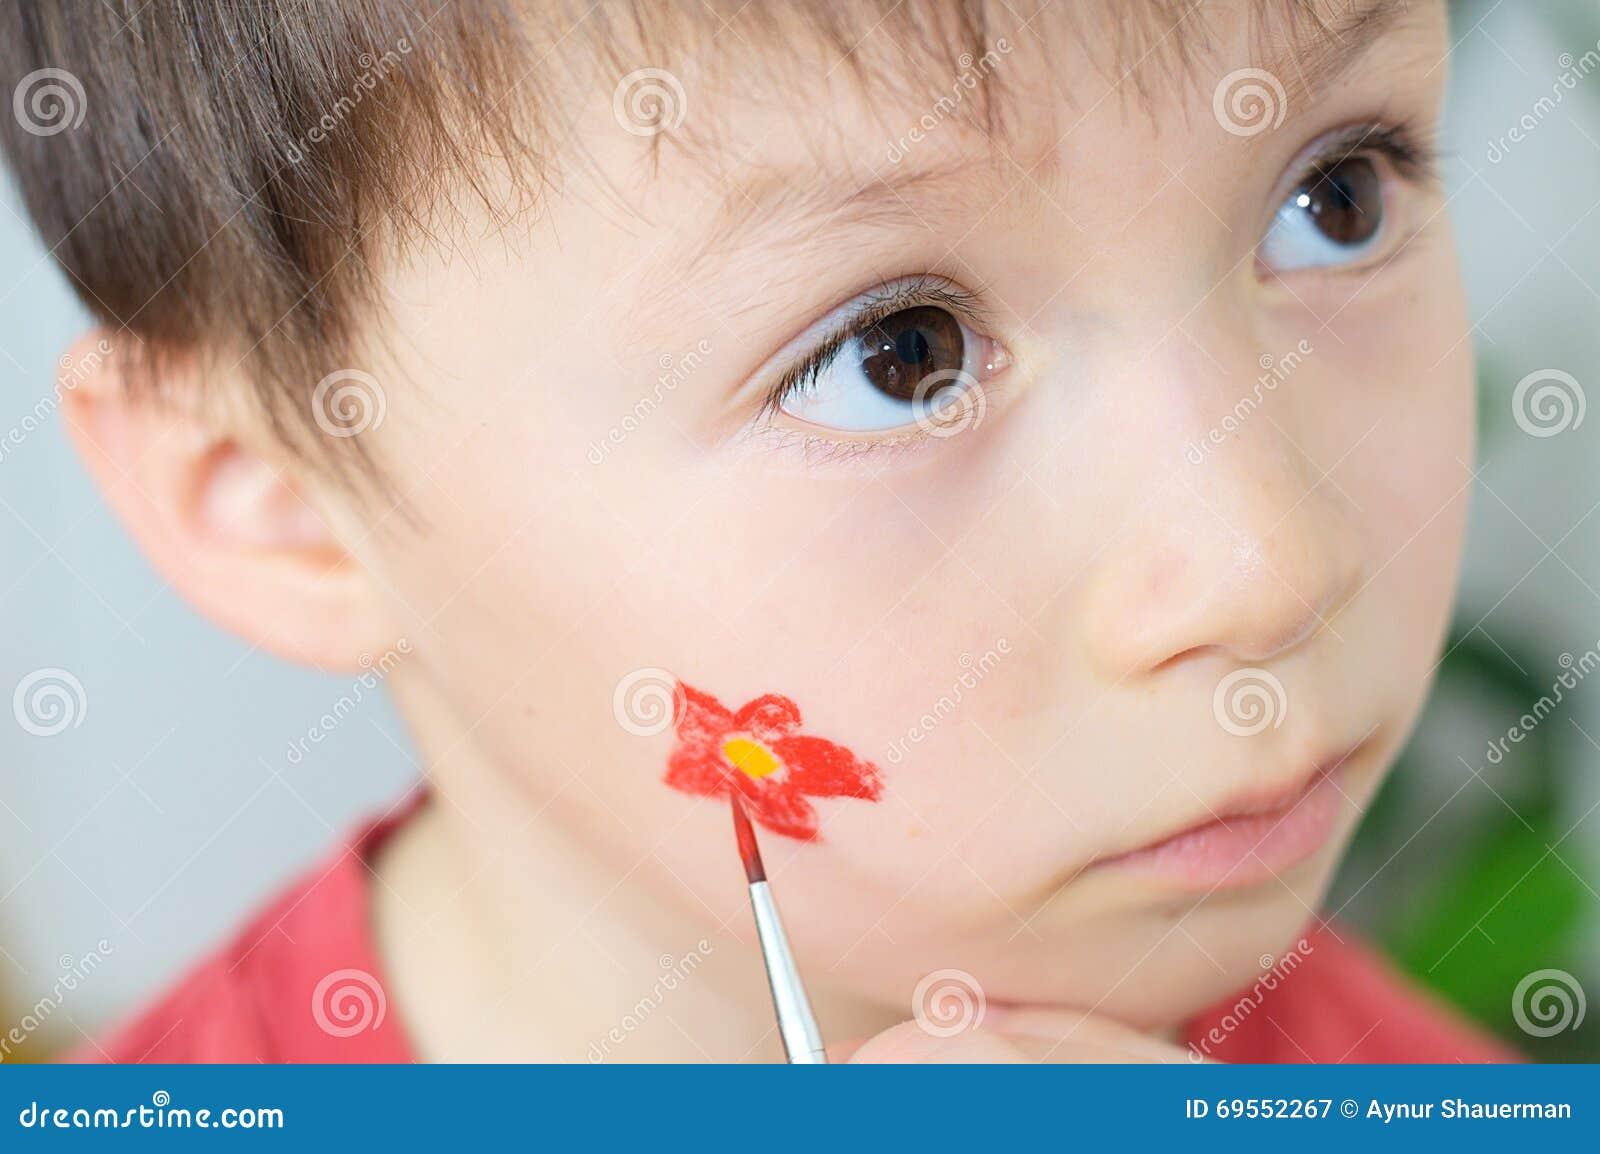 maquillage visage enfants peinture visage enfant. Black Bedroom Furniture Sets. Home Design Ideas